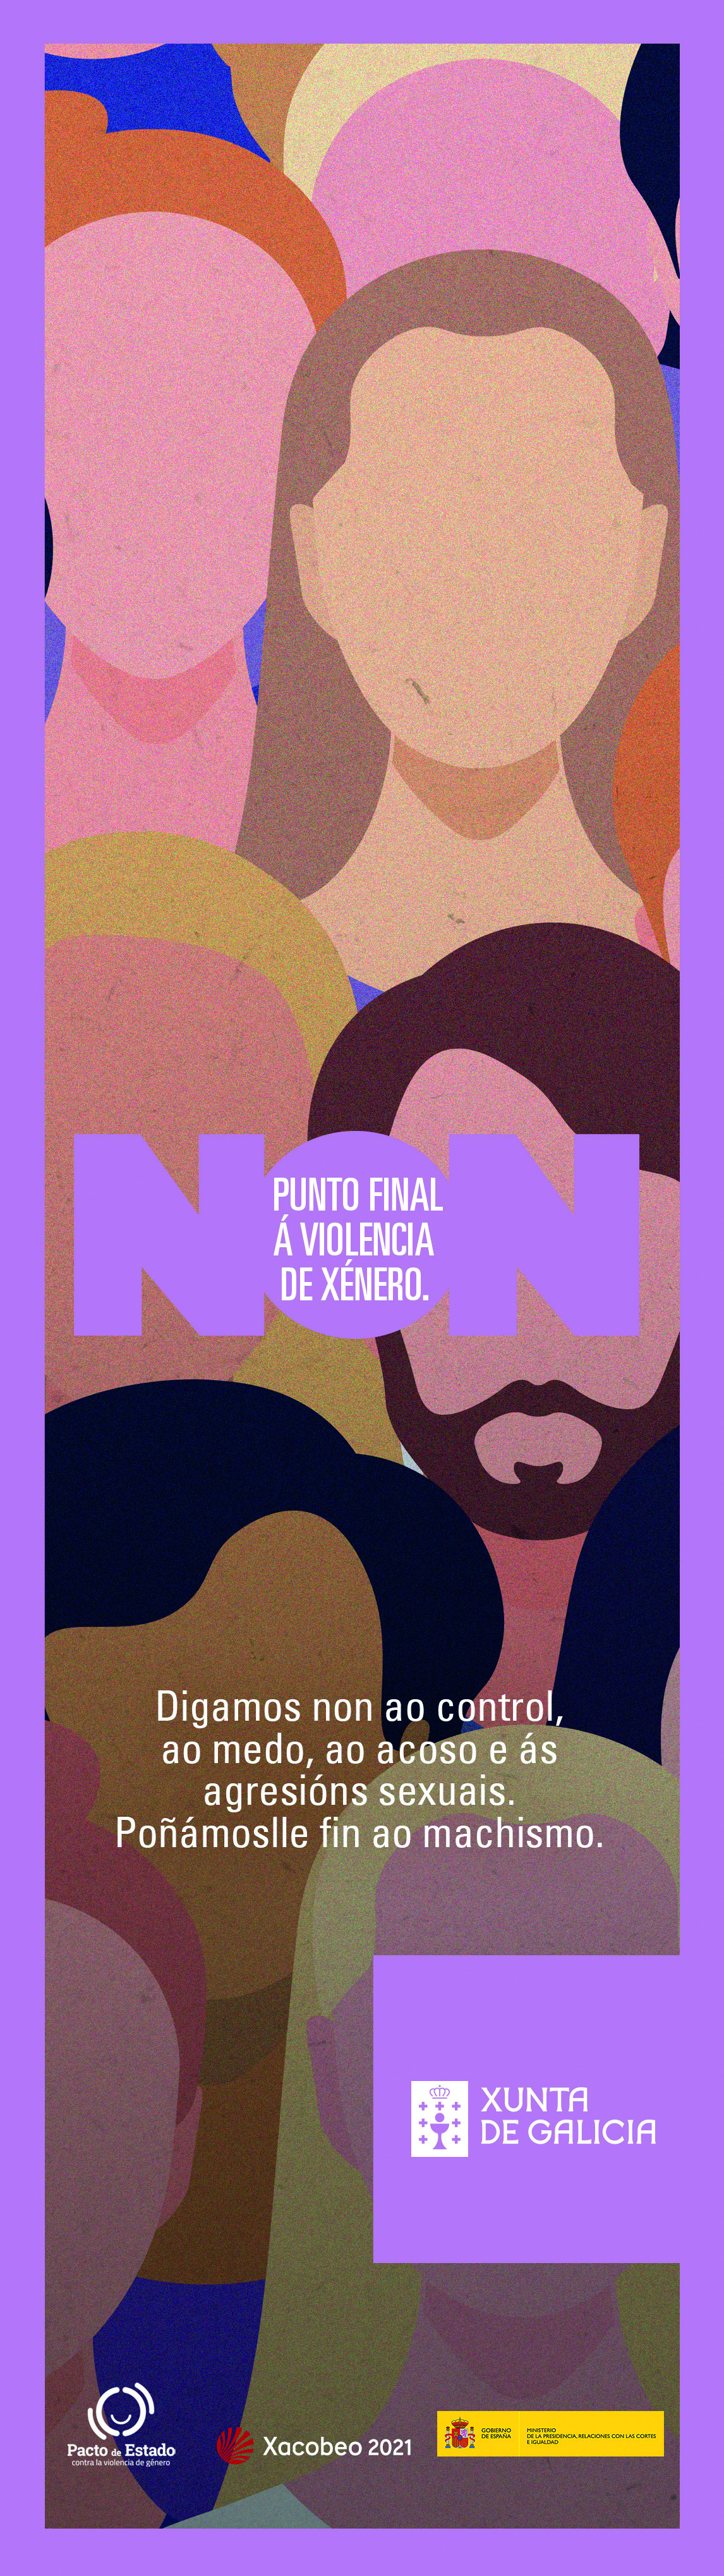 campaña_puntofinal